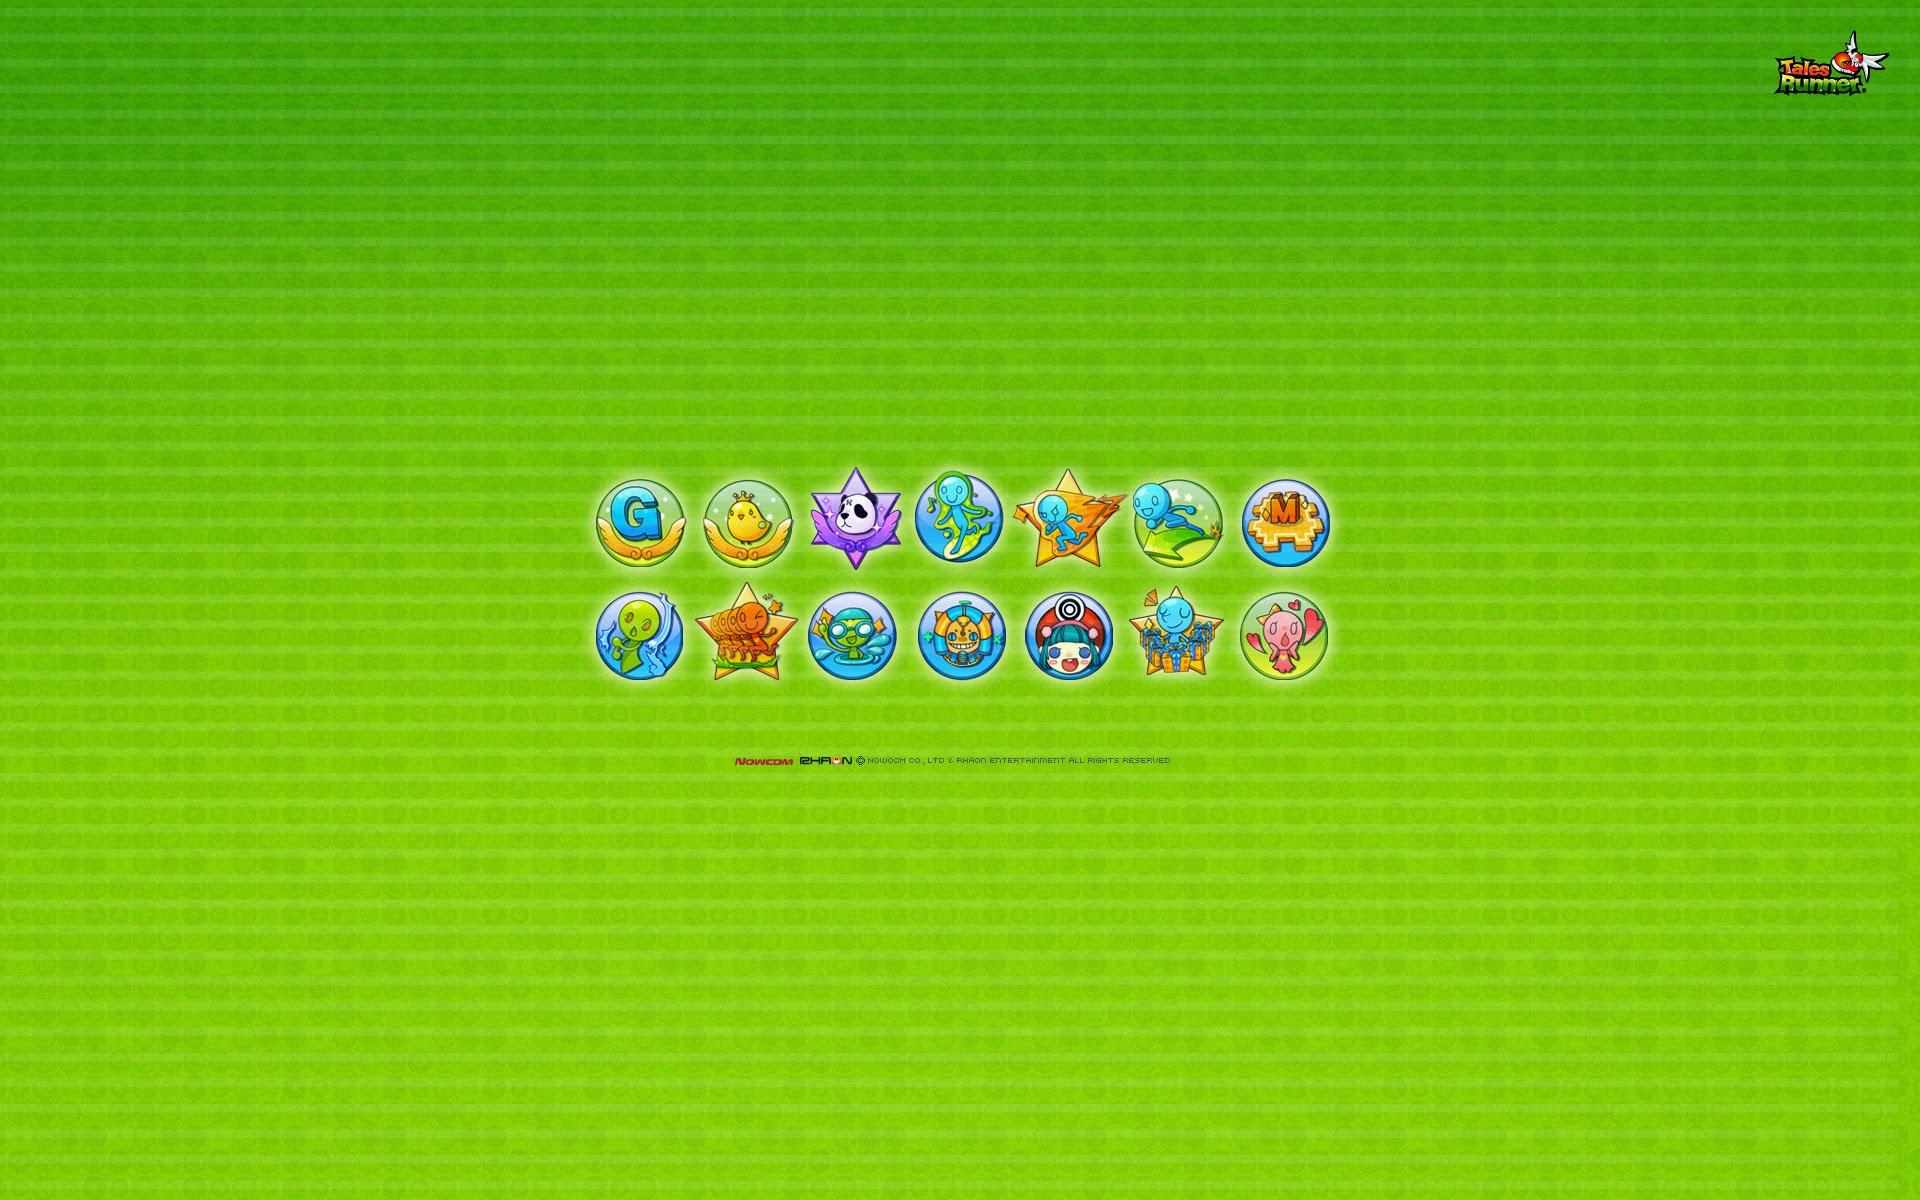 Ngắm hình nền dễ thương của GoGoRun Bắc Mỹ